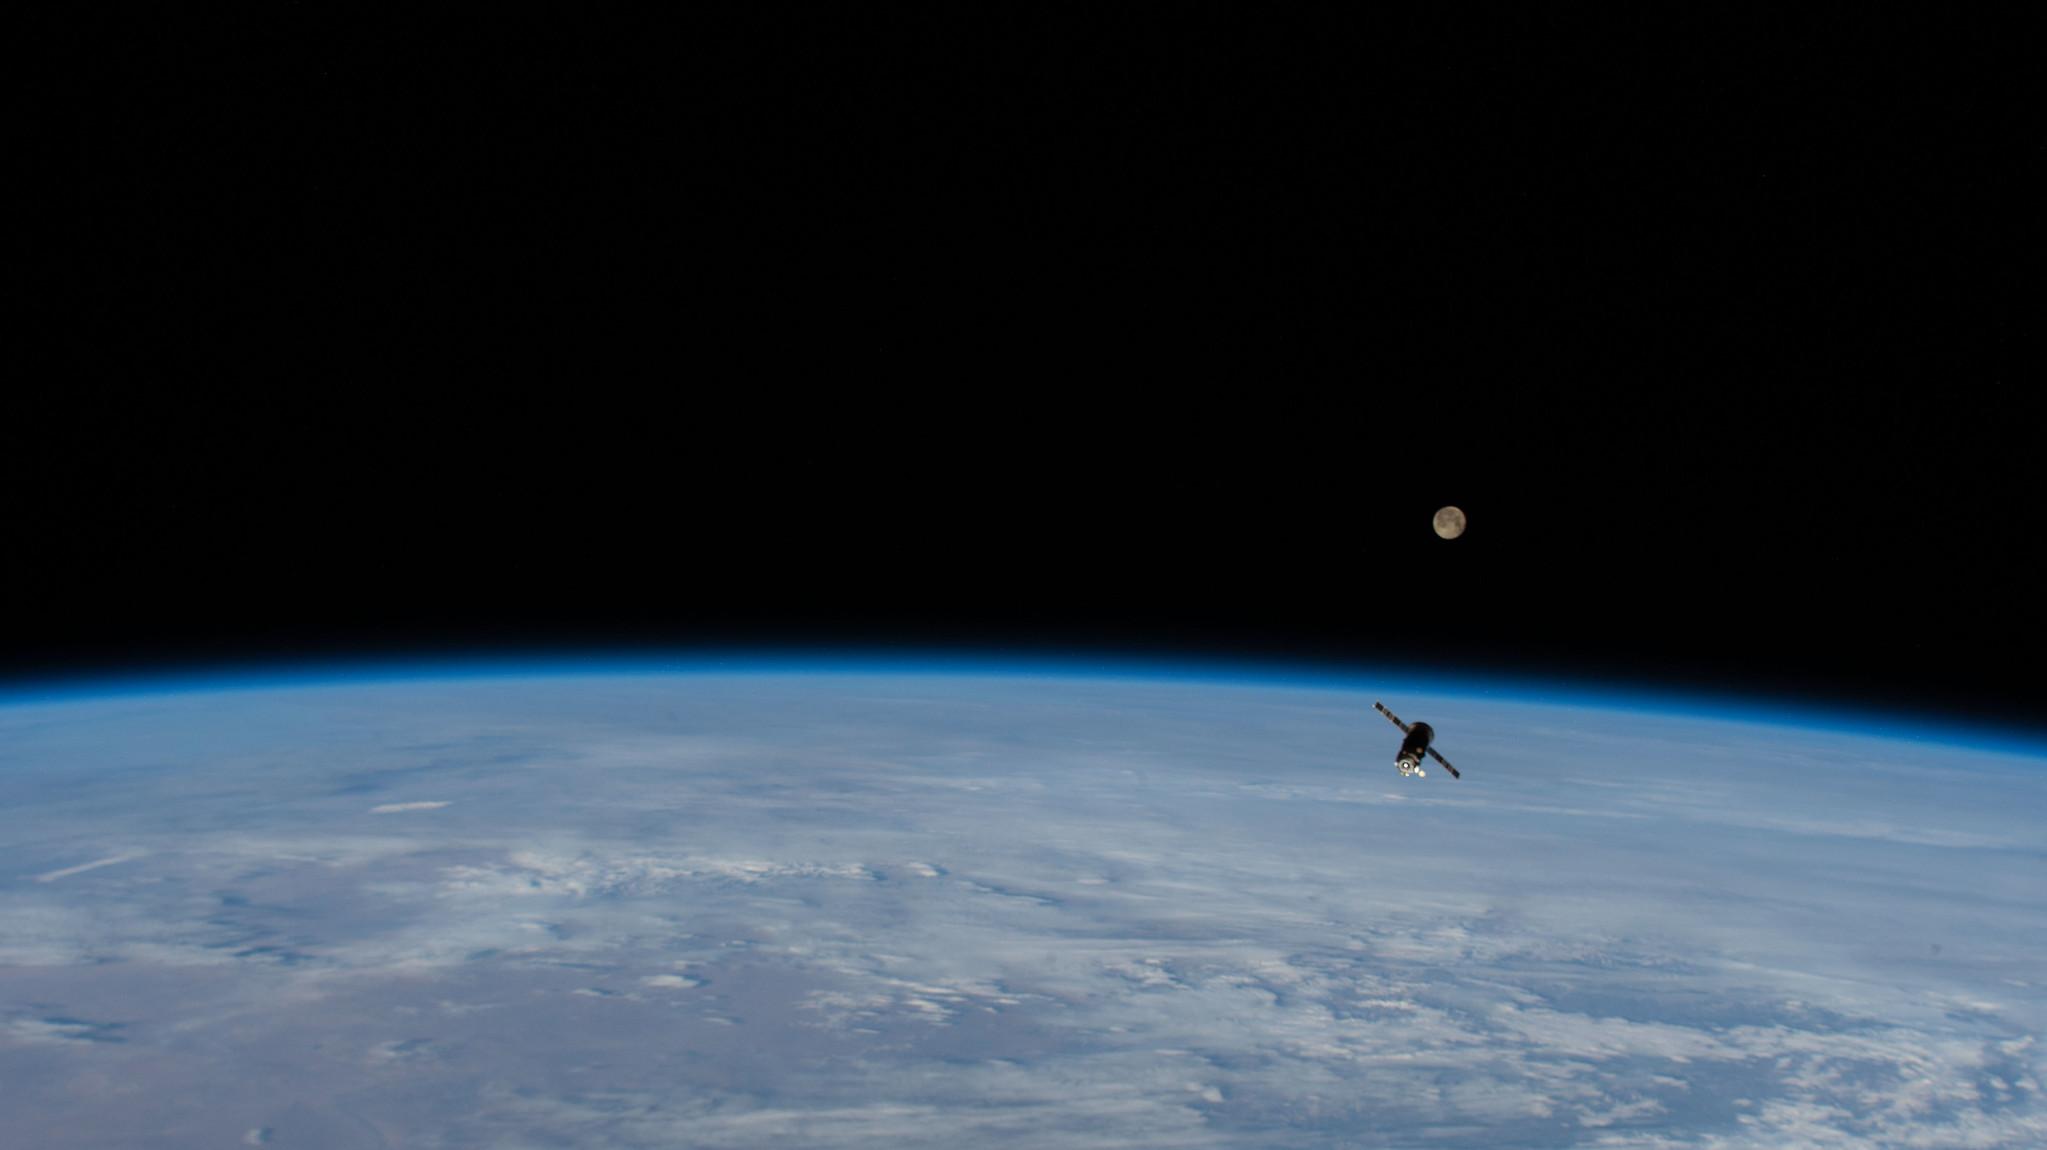 Le navire russe de ravitaillement Progress 75 quitte la Station spatiale internationale, rempli de déchets, alors que la Super Pink Moon brille en arrière-plan, le 27 avril 2021.